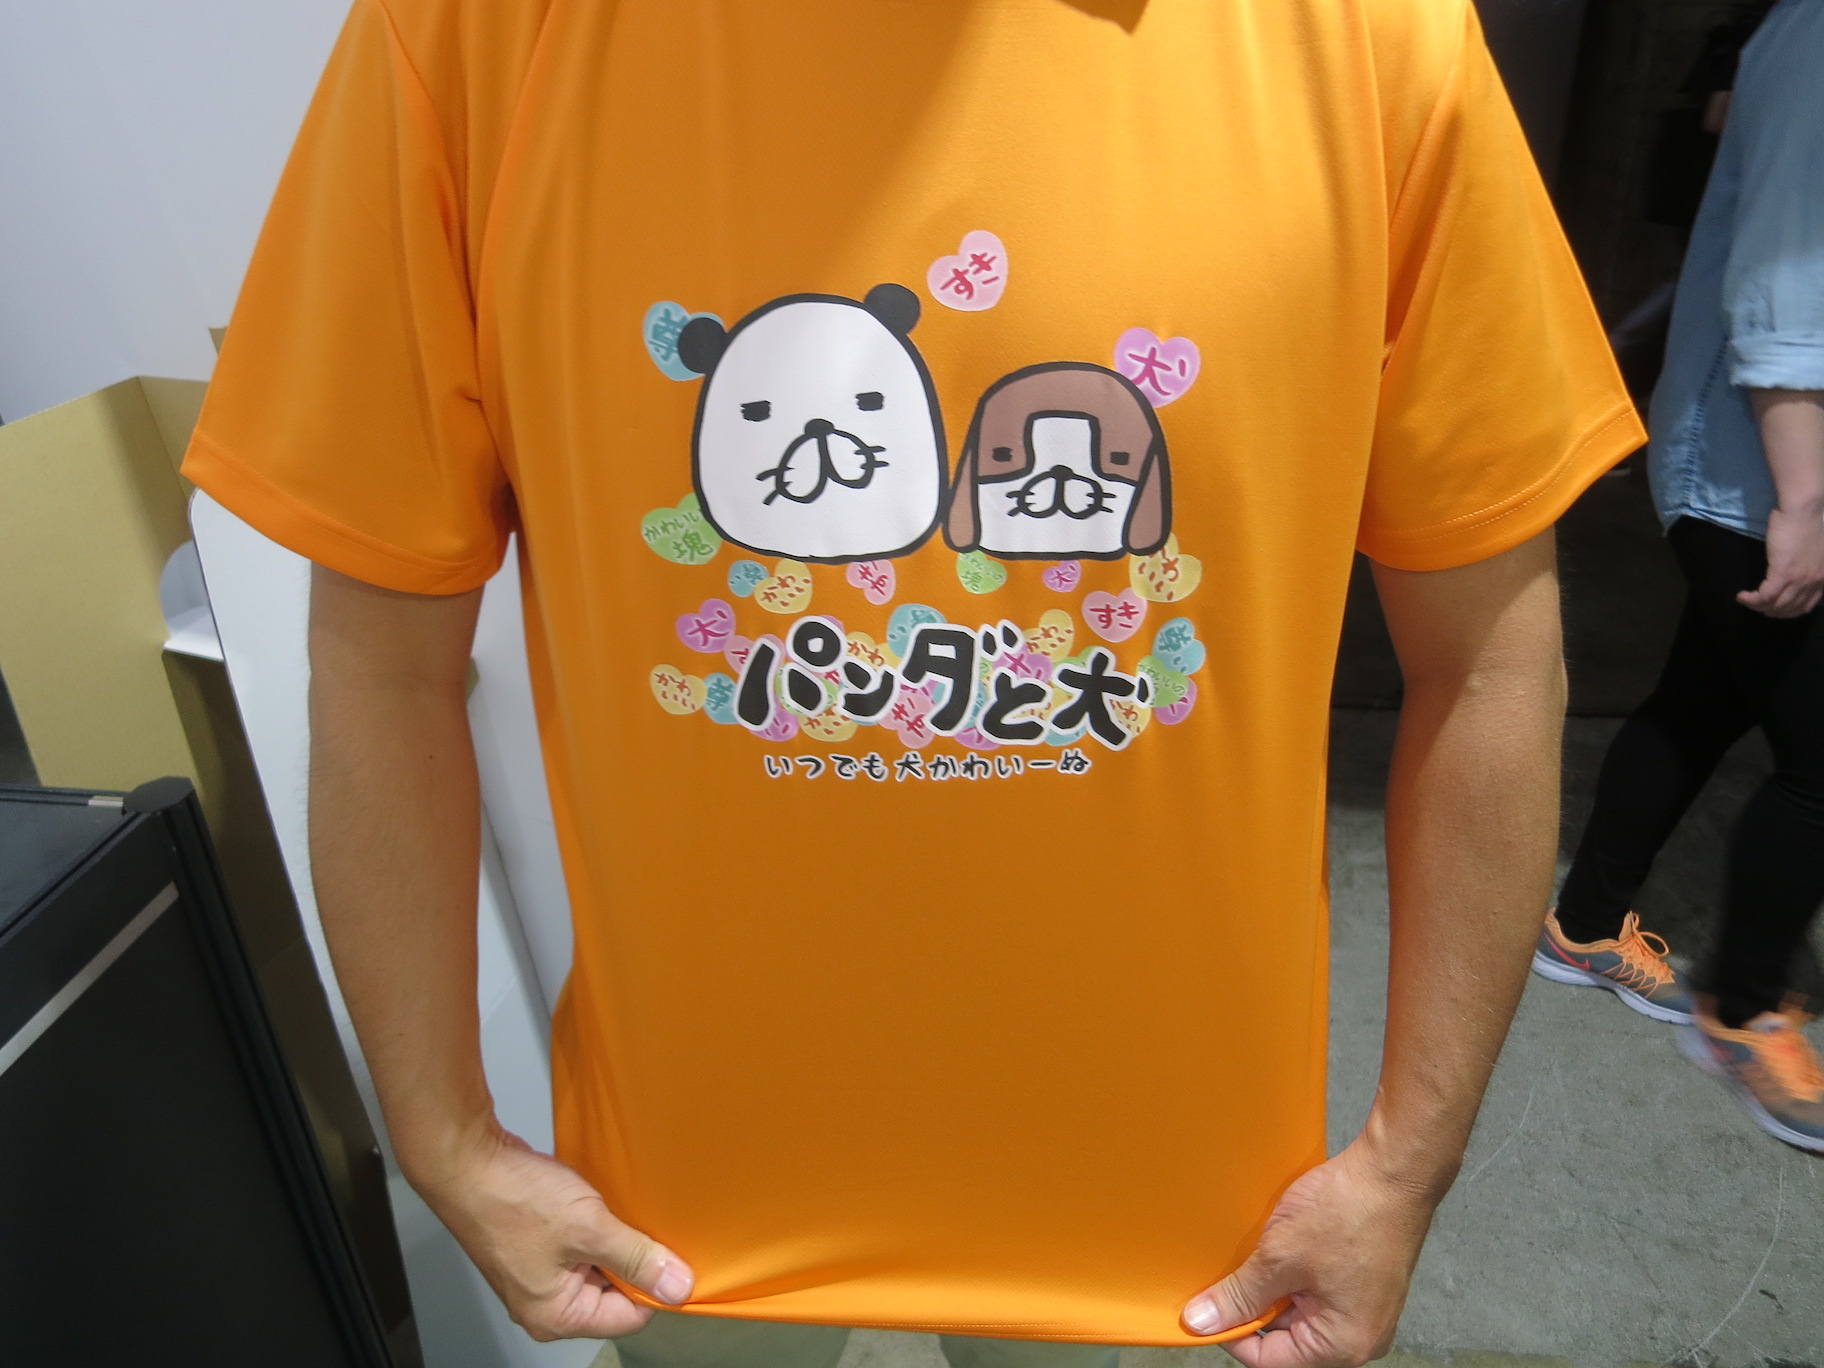 パンダと犬 いつでも犬かわいーぬTシャツ